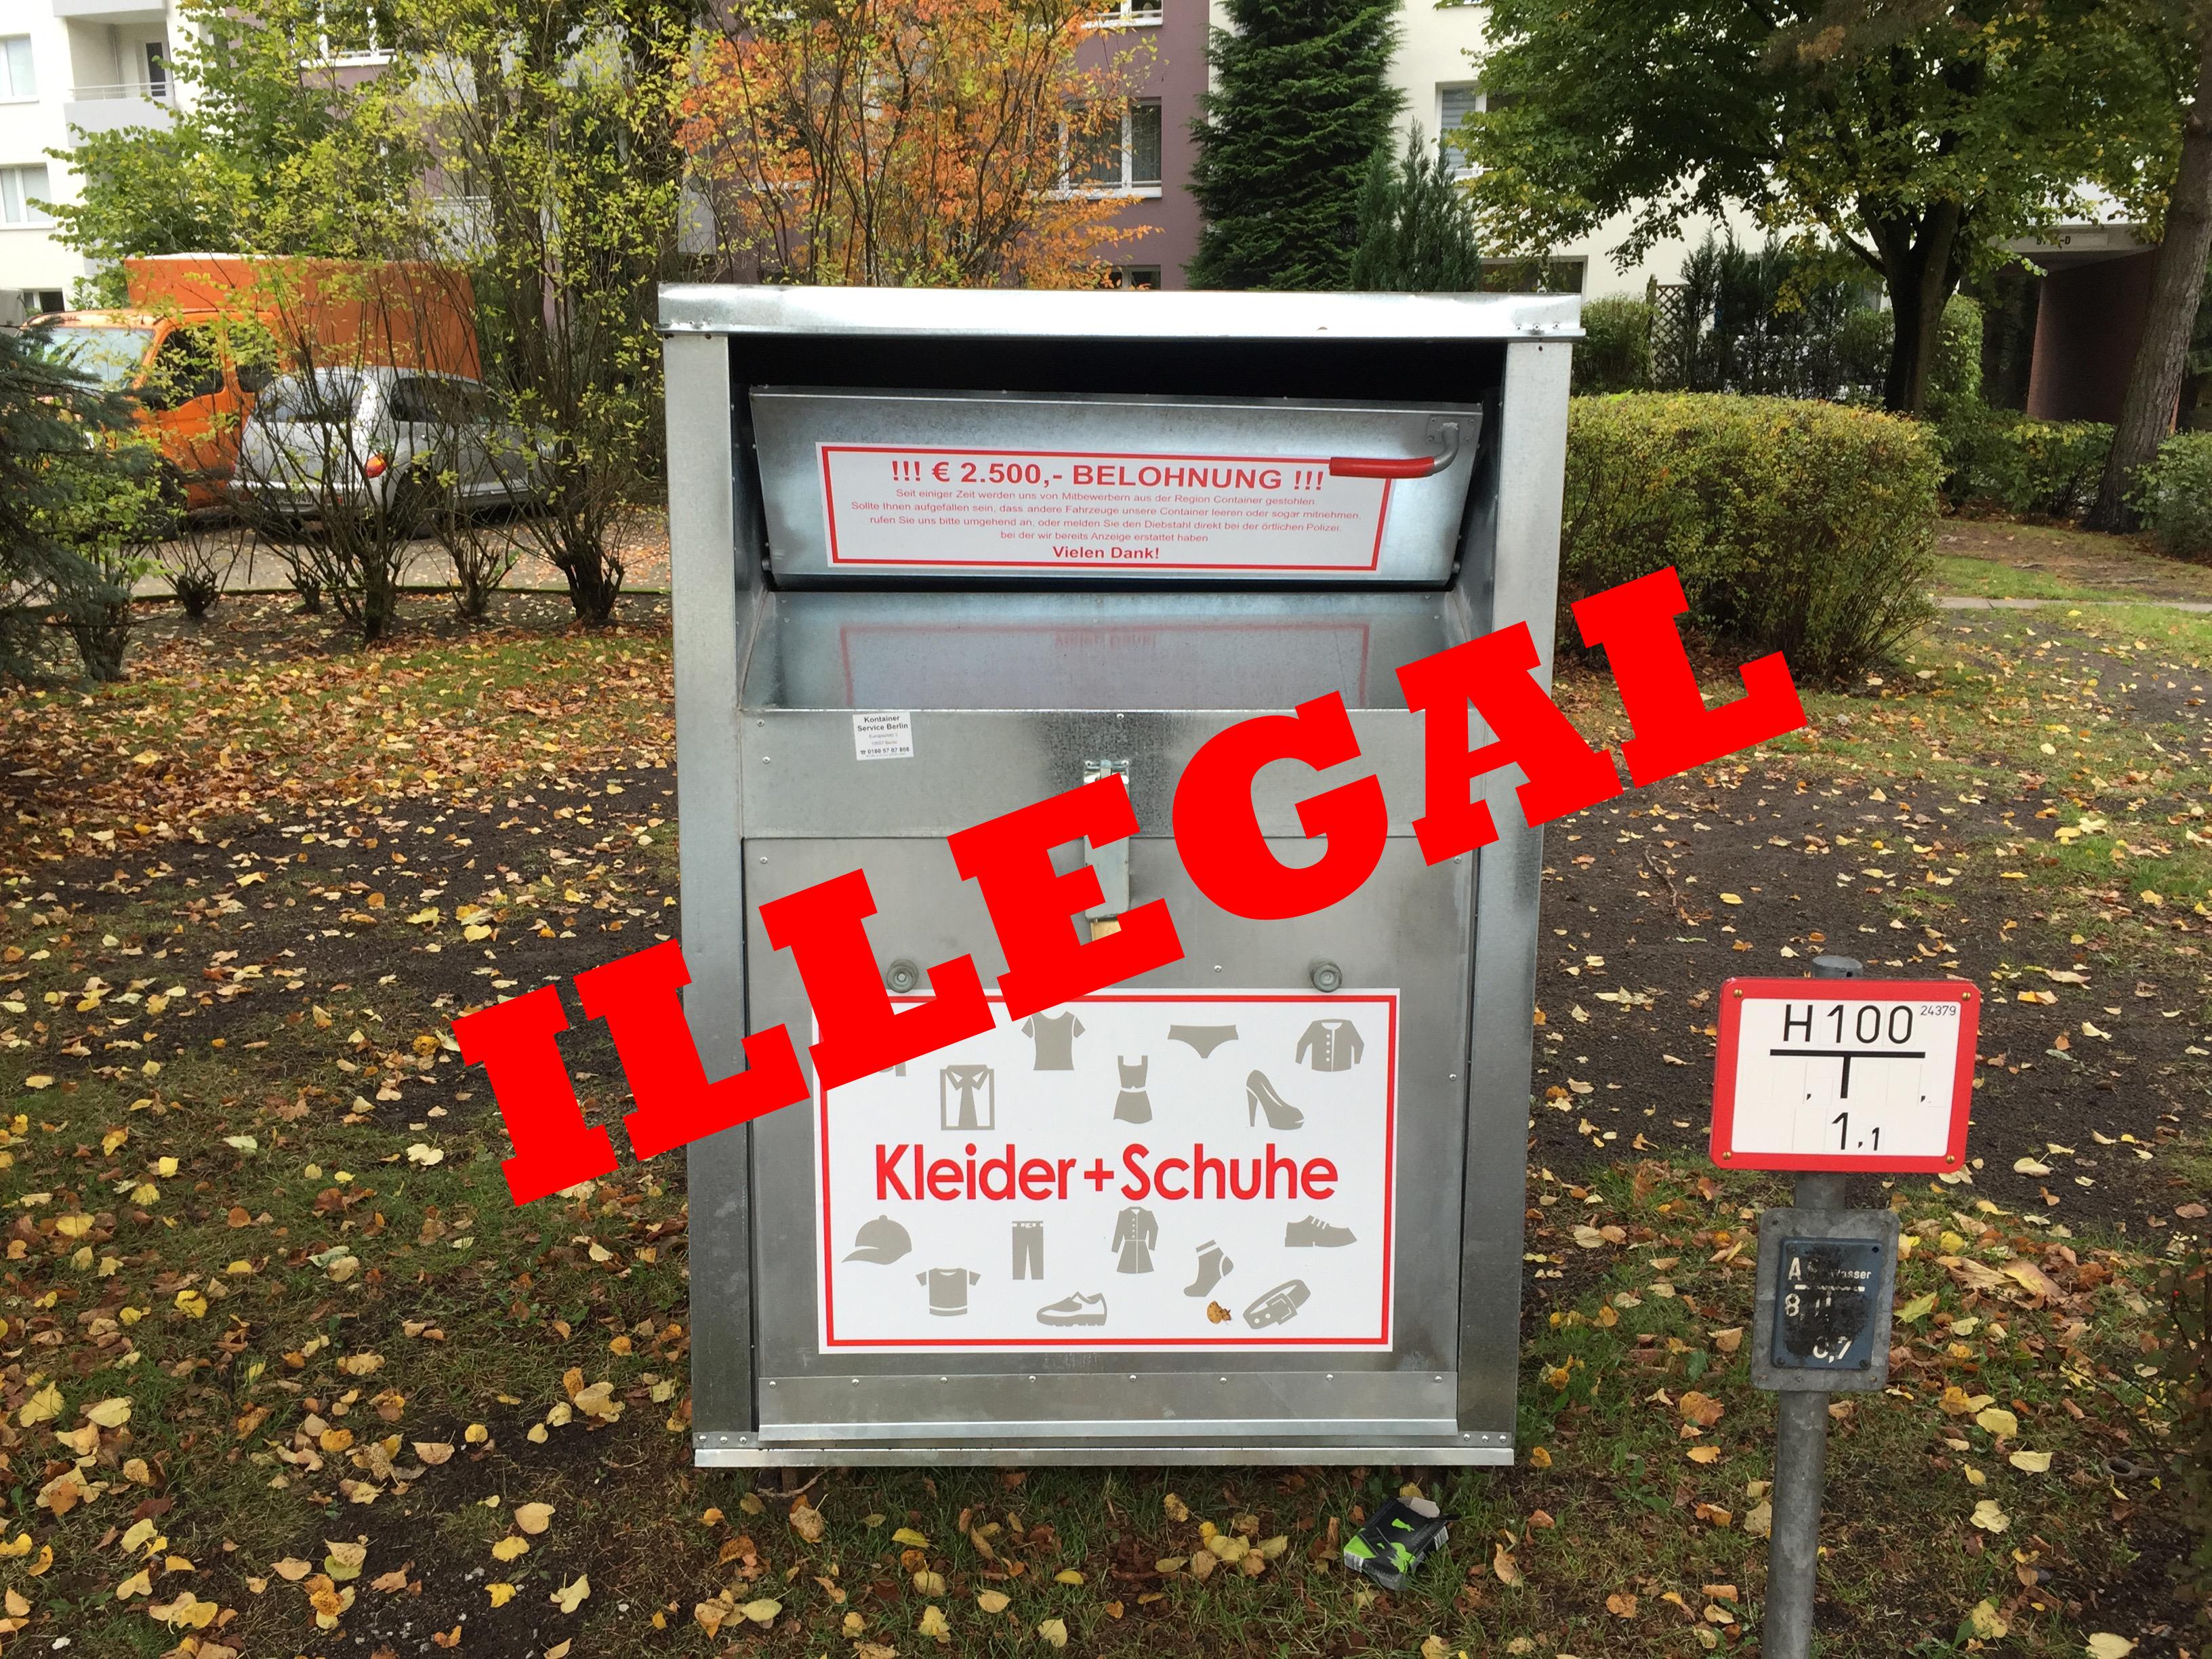 Astonishing Container Aufstellen Ohne Baugenehmigung Reference Of Aufgepasst: Wieder Illegale Altkleider-container In Rahlstedt Aufgetaucht